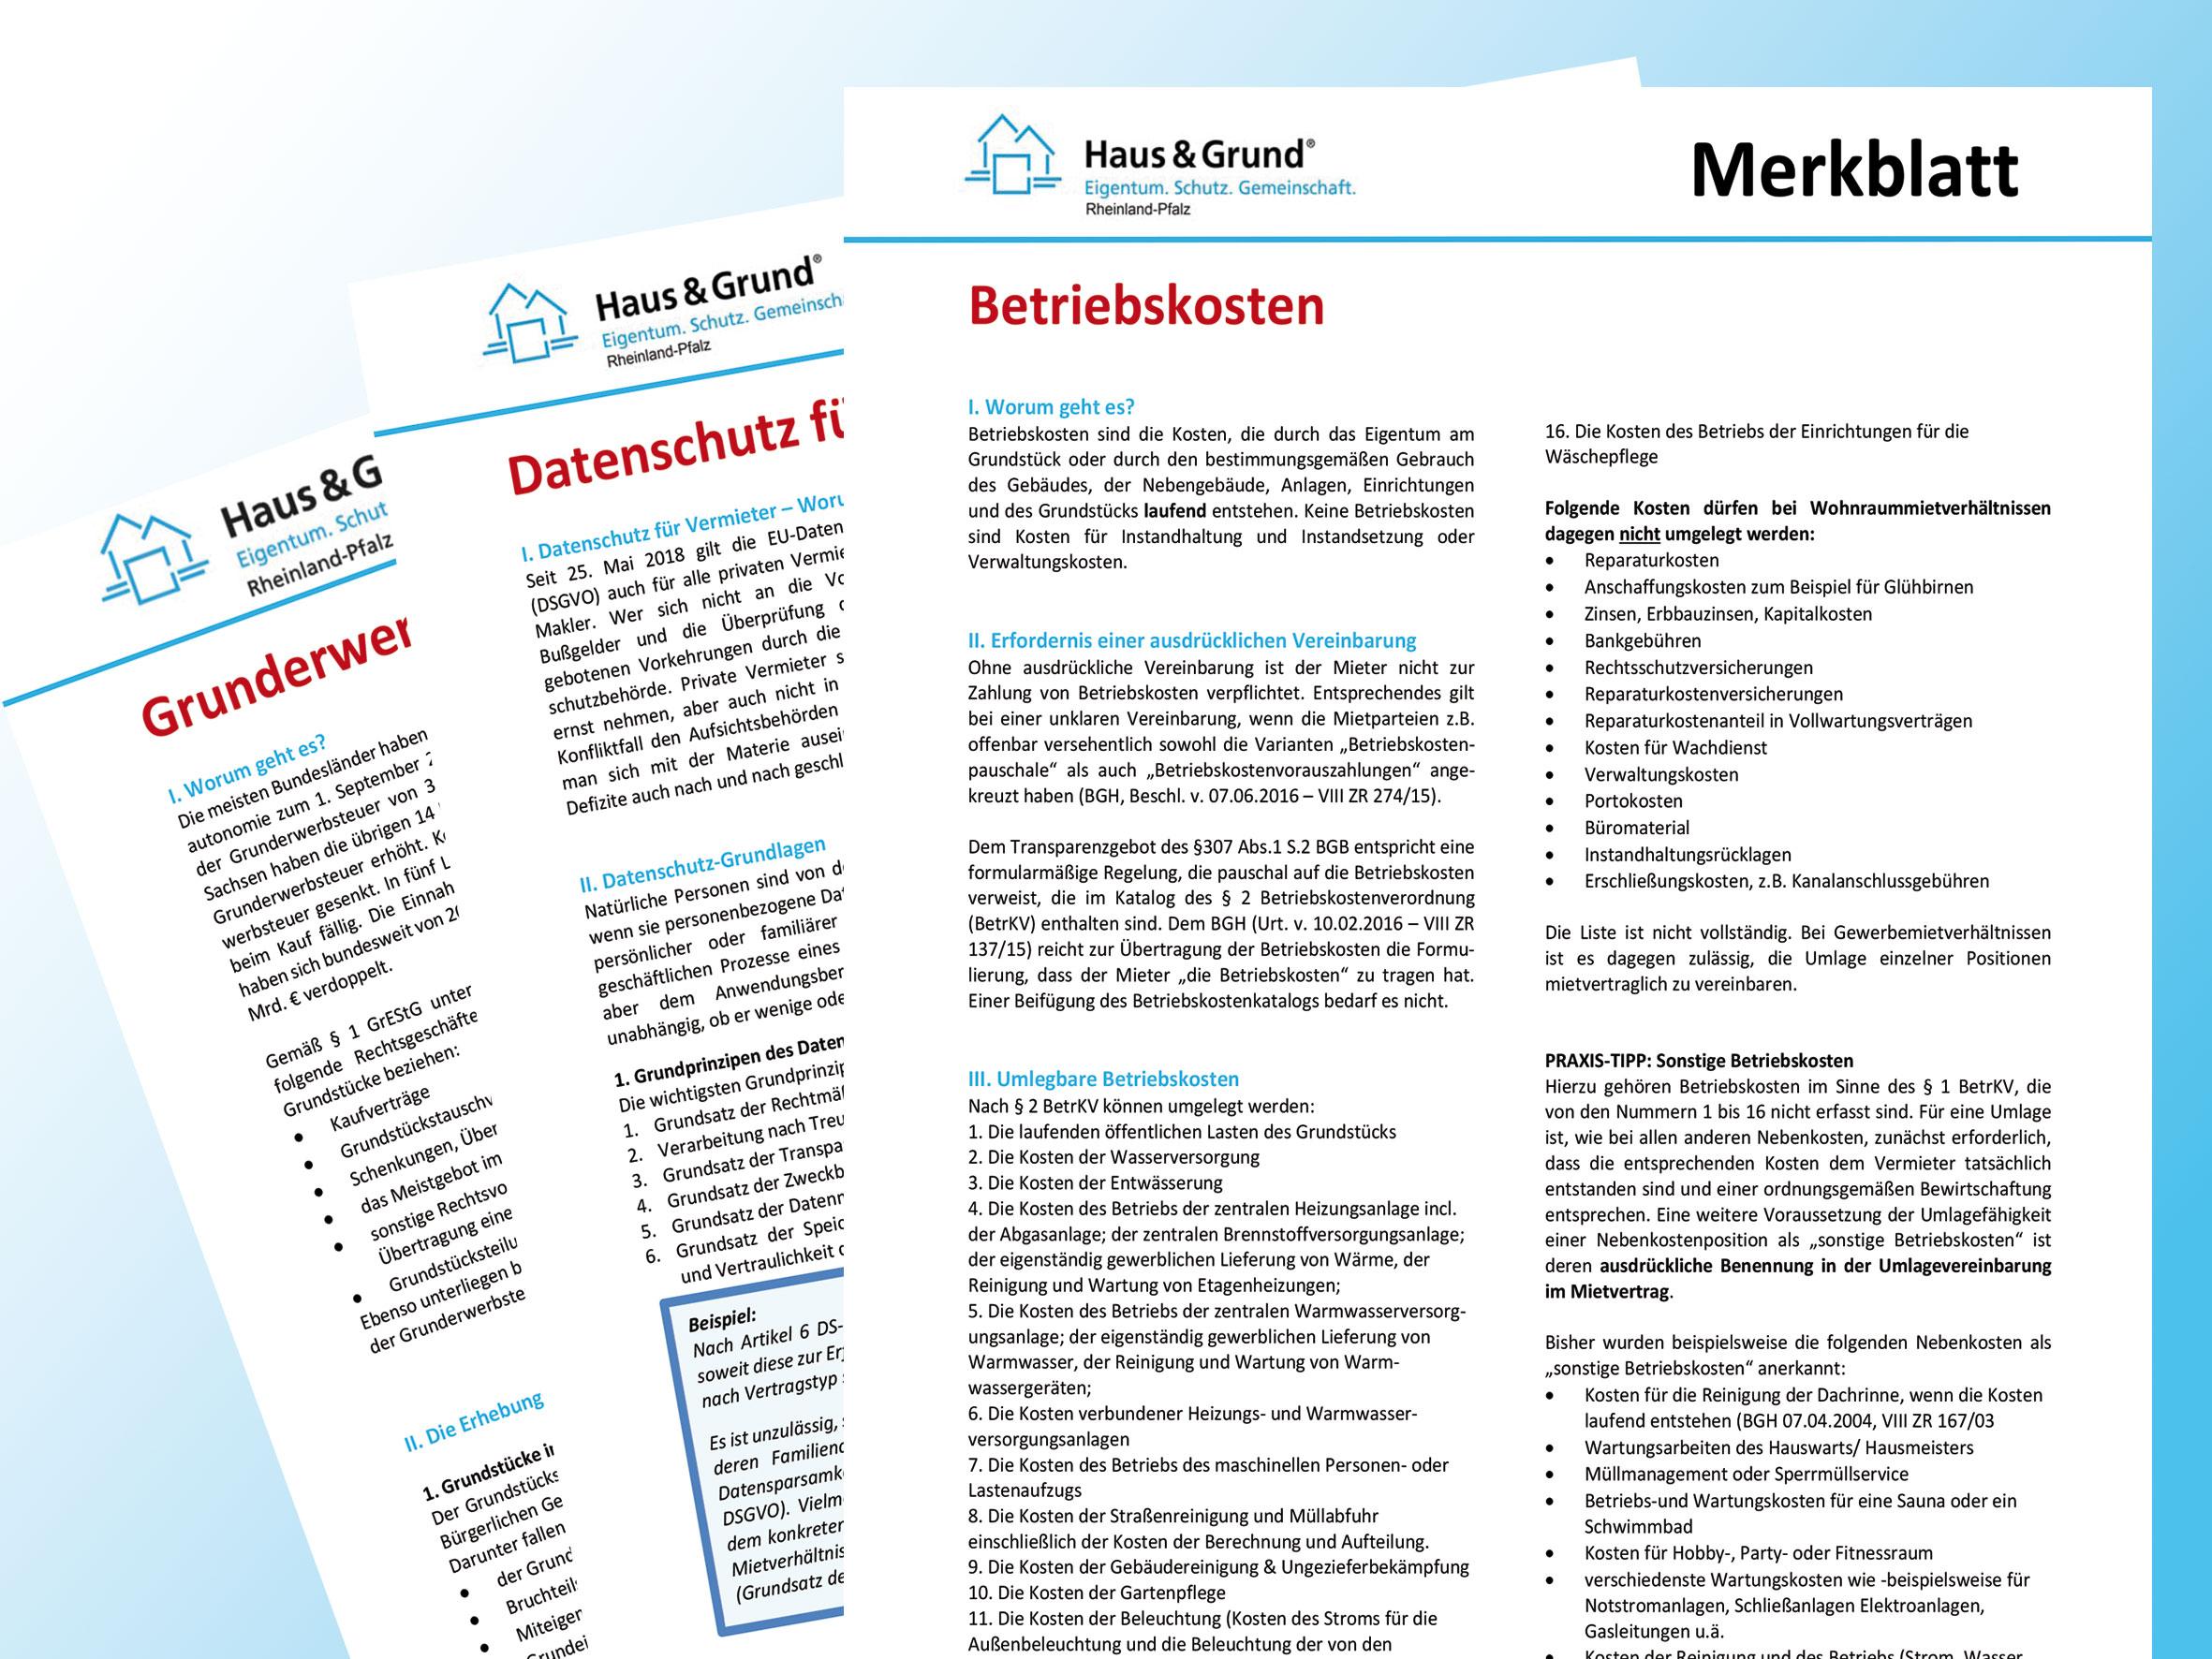 Merkblätter von Haus & Grund: Gebündelte Infos für private Eigentümer und Vermieter